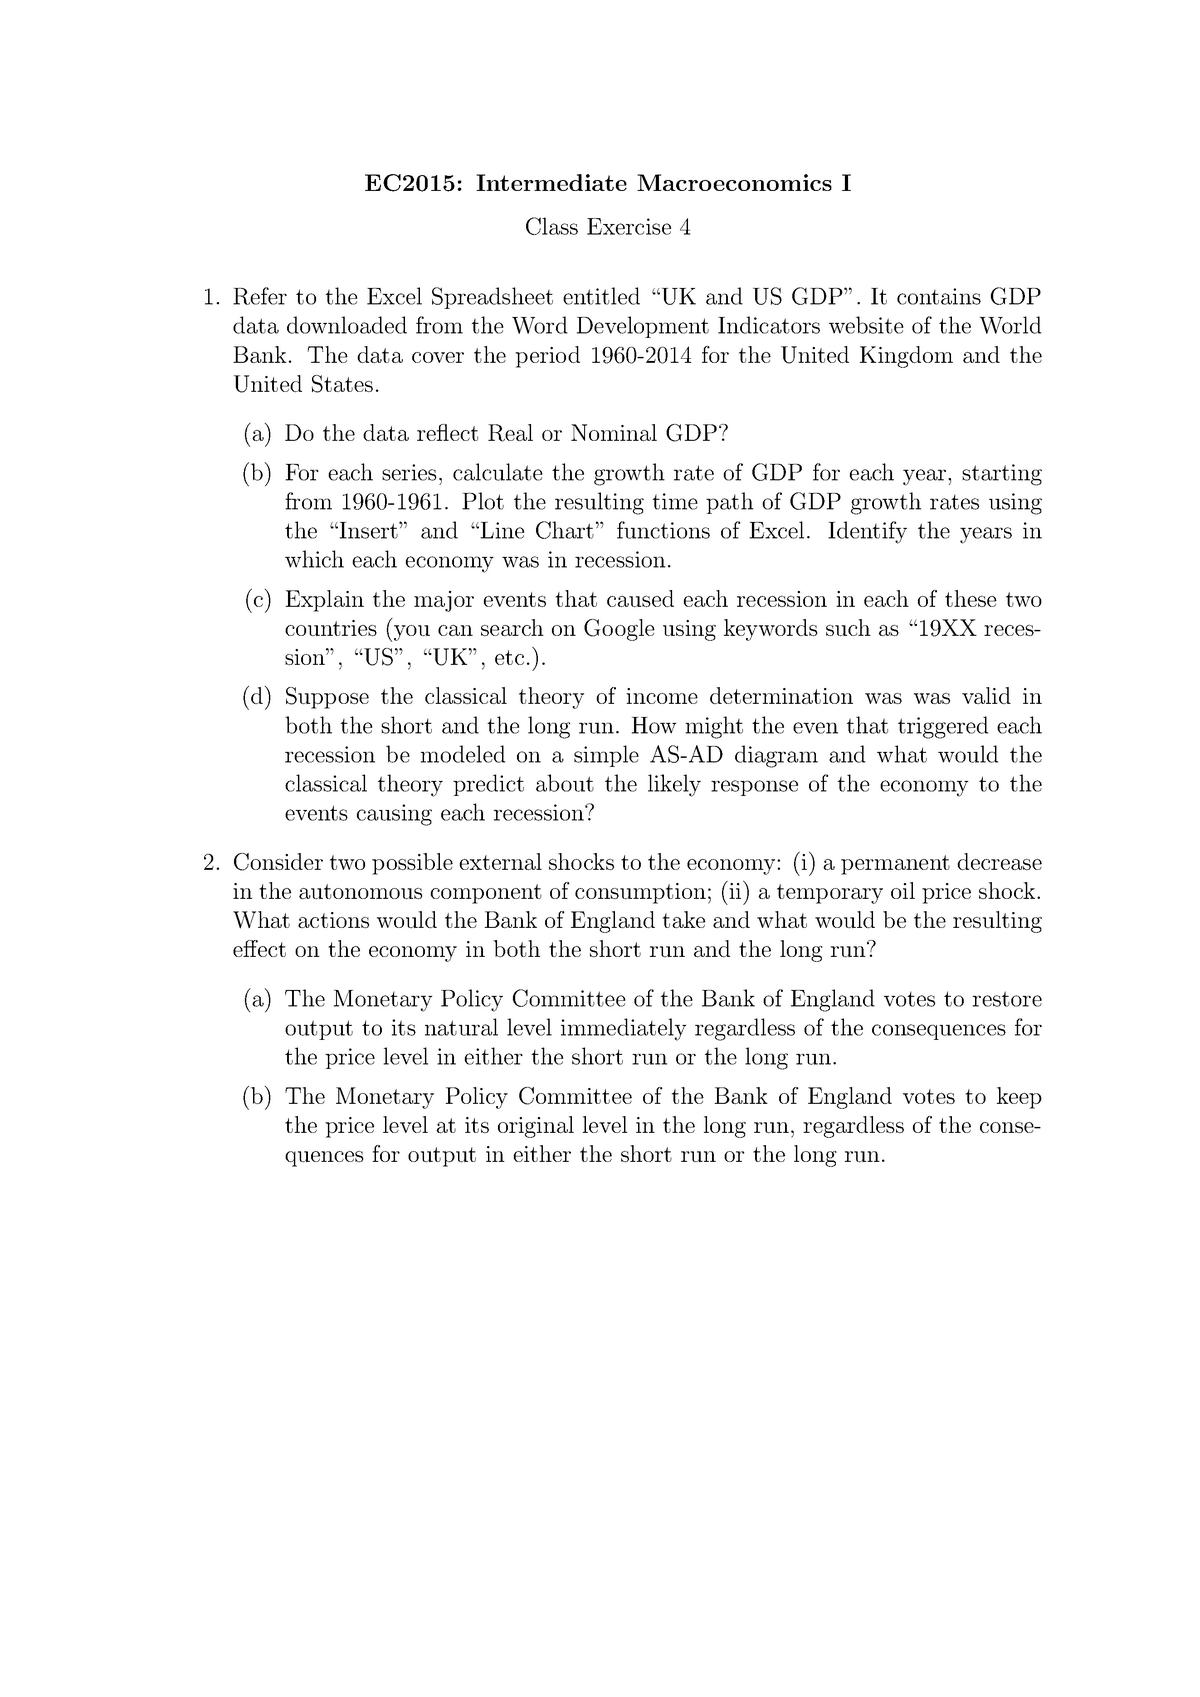 CLEX4 - Tutorial 4 questions - EC2015: Intermediate macroeconomics